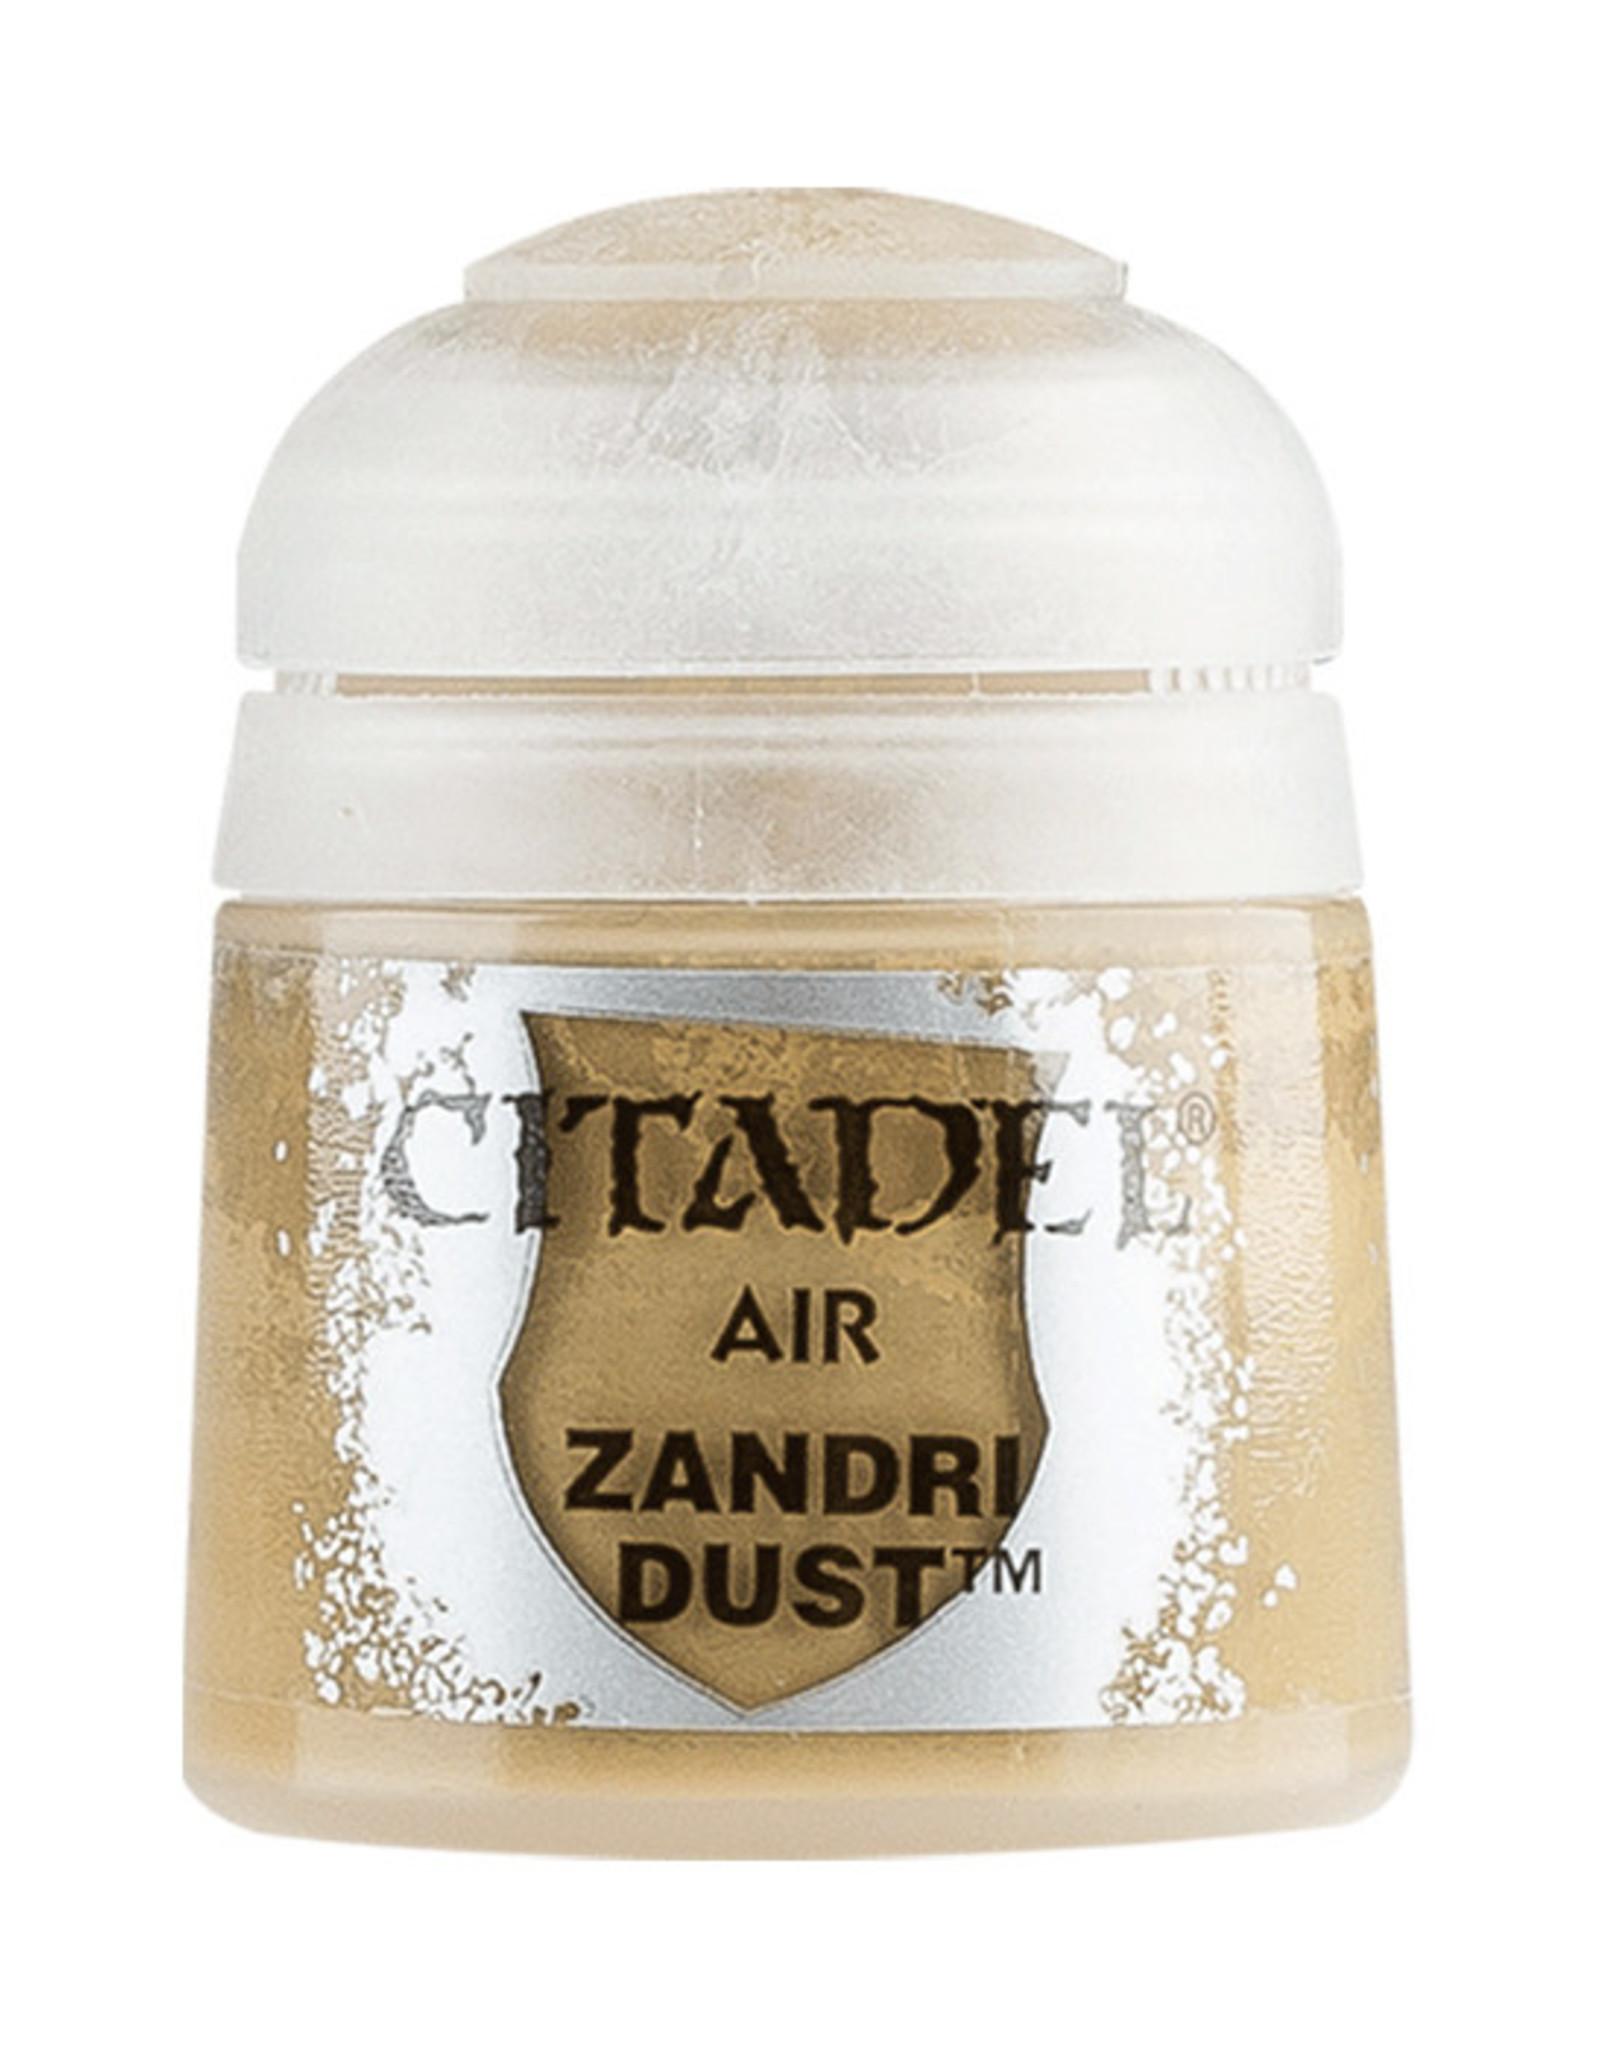 Citadel Citadel Colour: Air - Zandri Dust